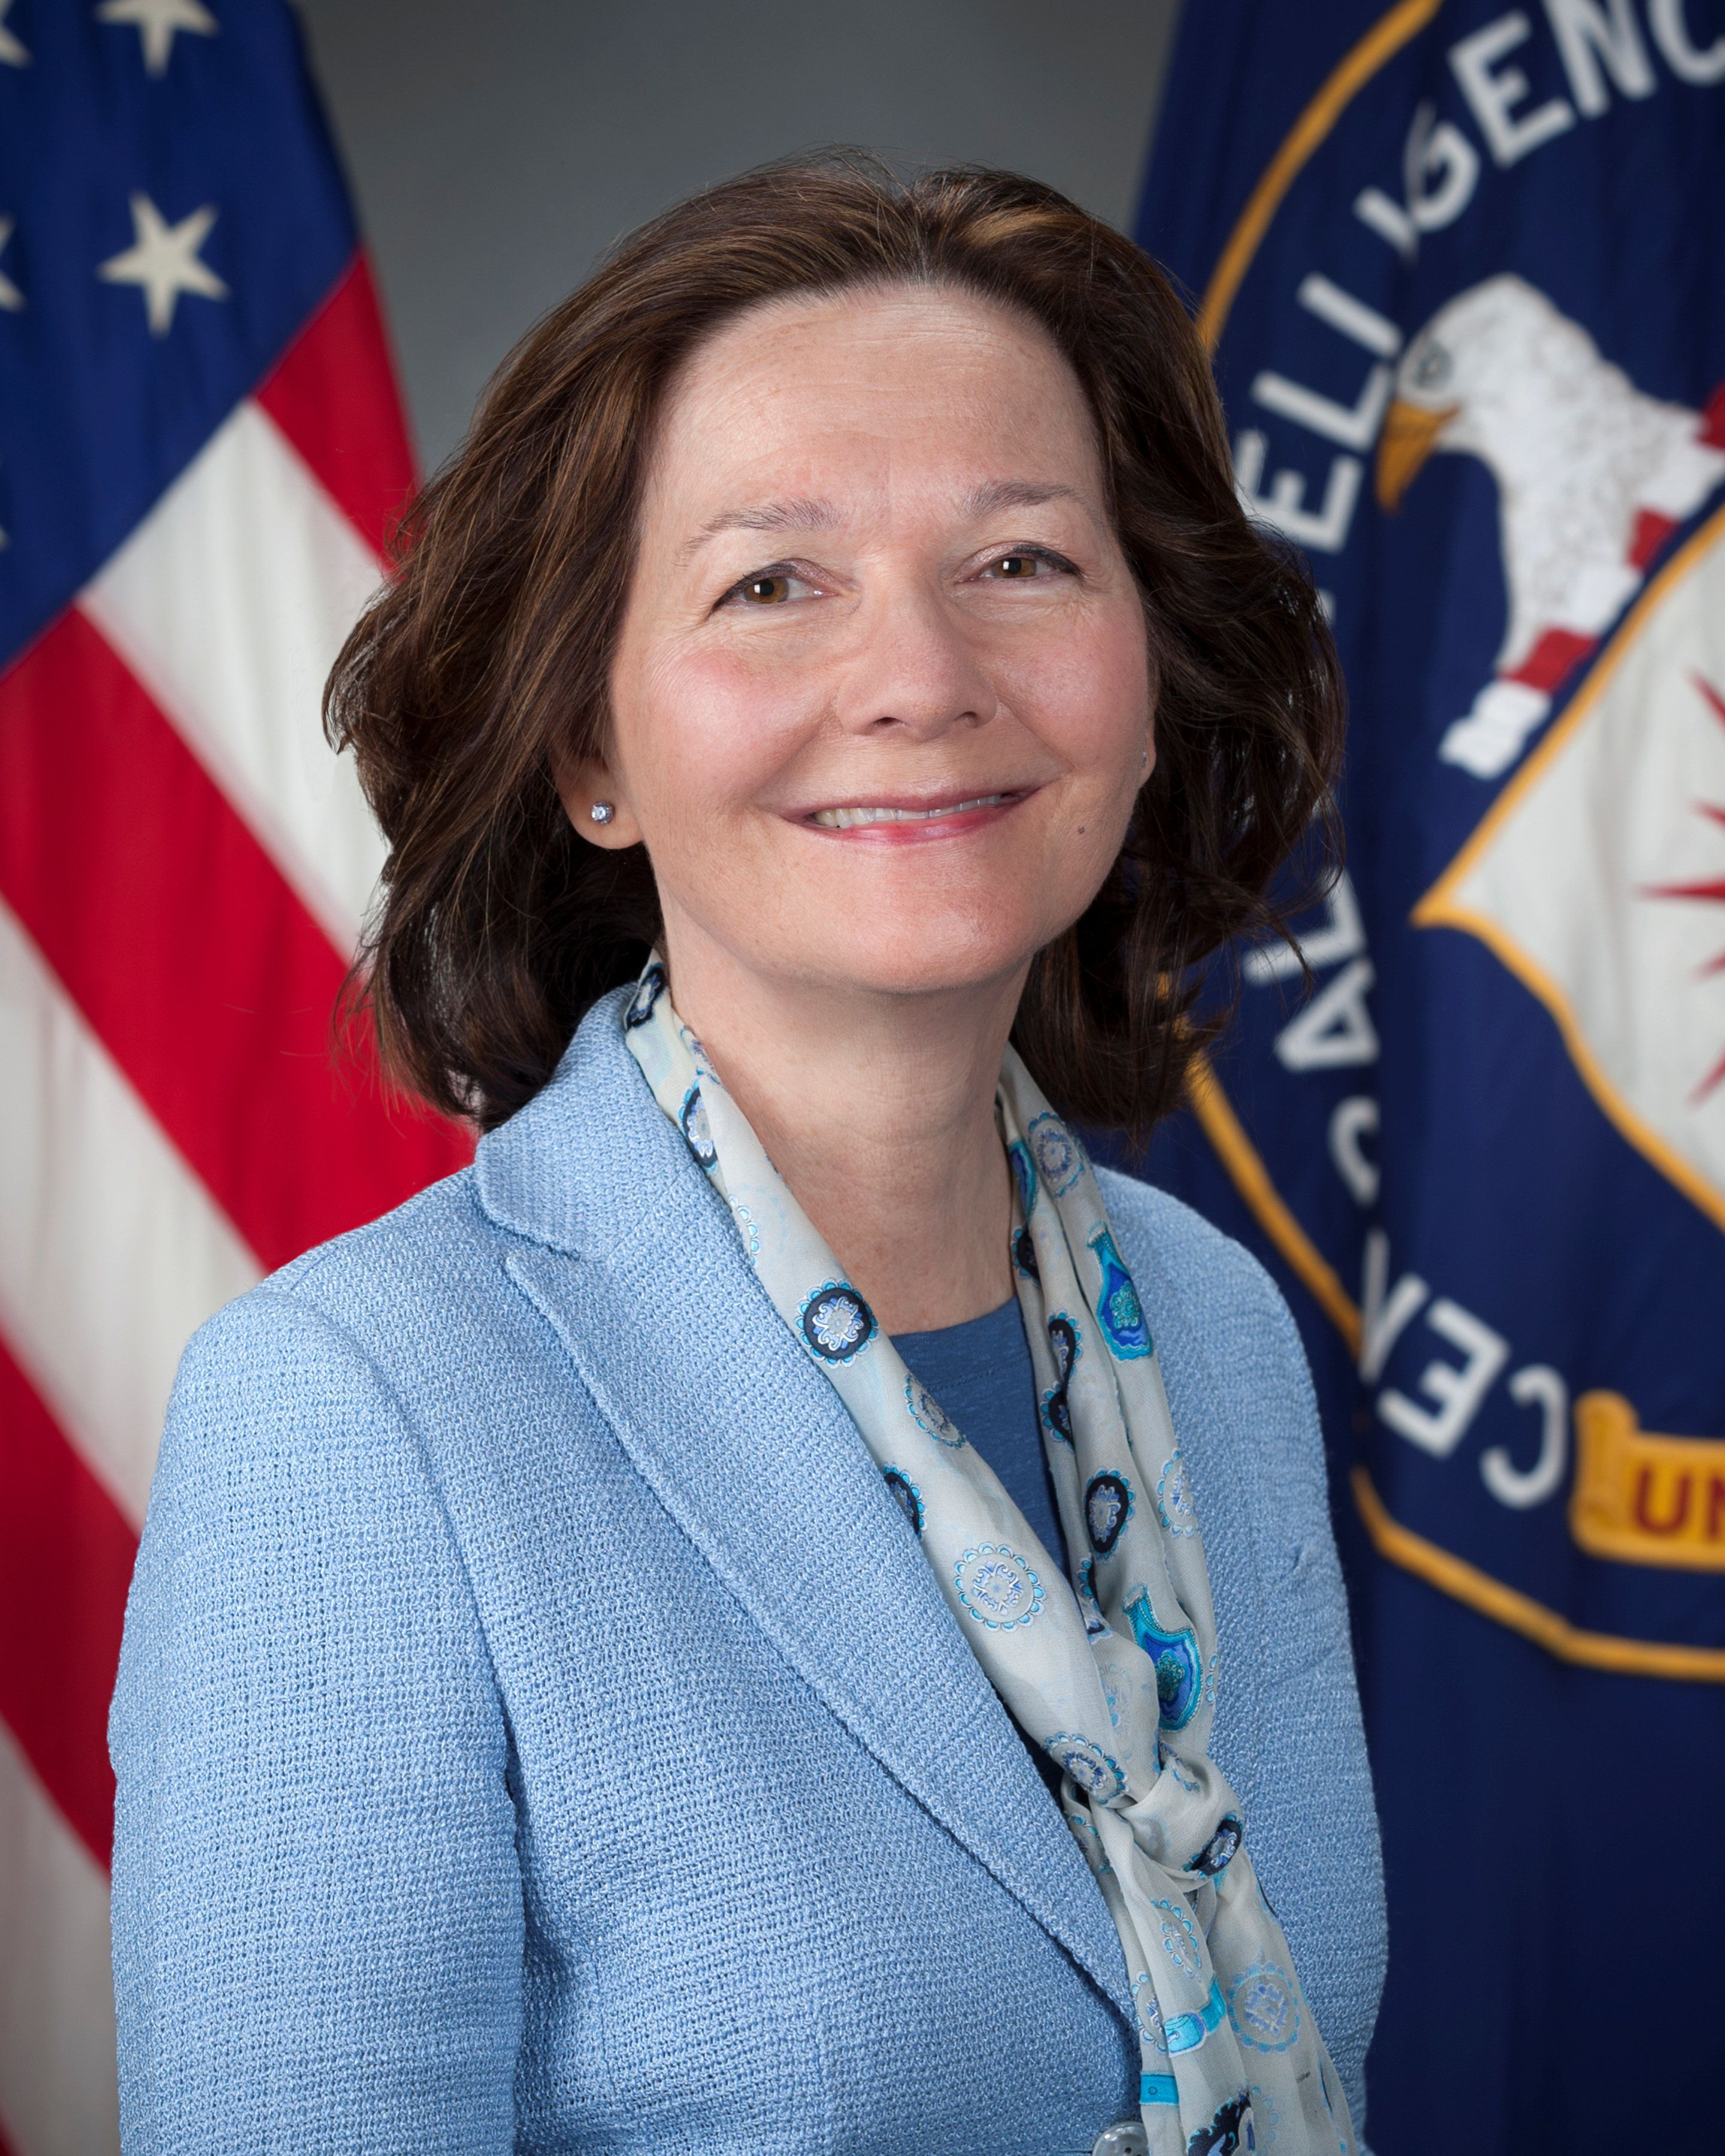 새 CIA 국장 후보자는 '고문' 연루 의혹이 있다